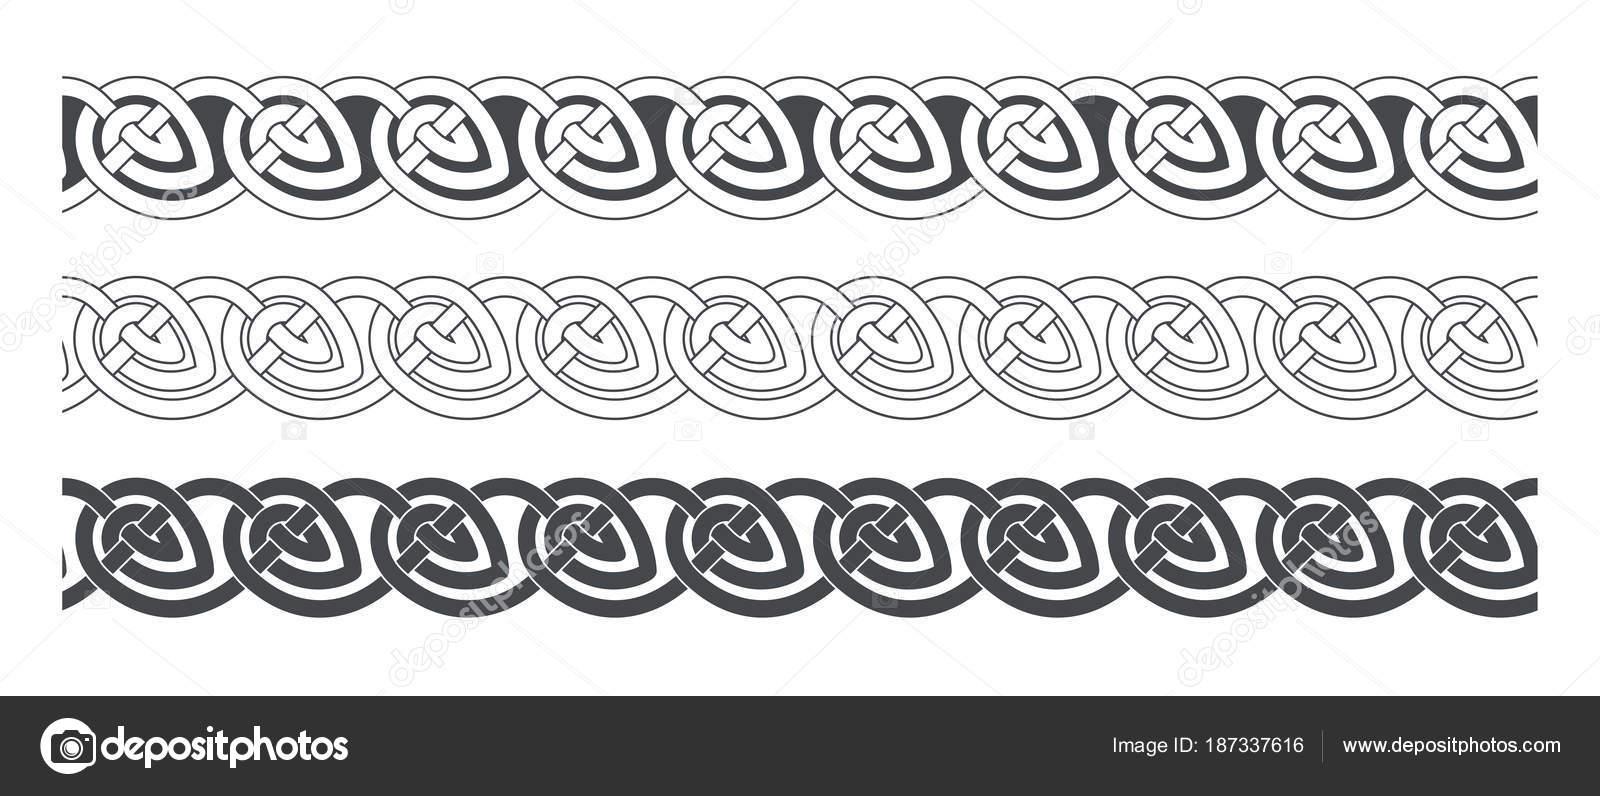 Nudo celta trenzado ornamento del marco de la frontera — Archivo ...